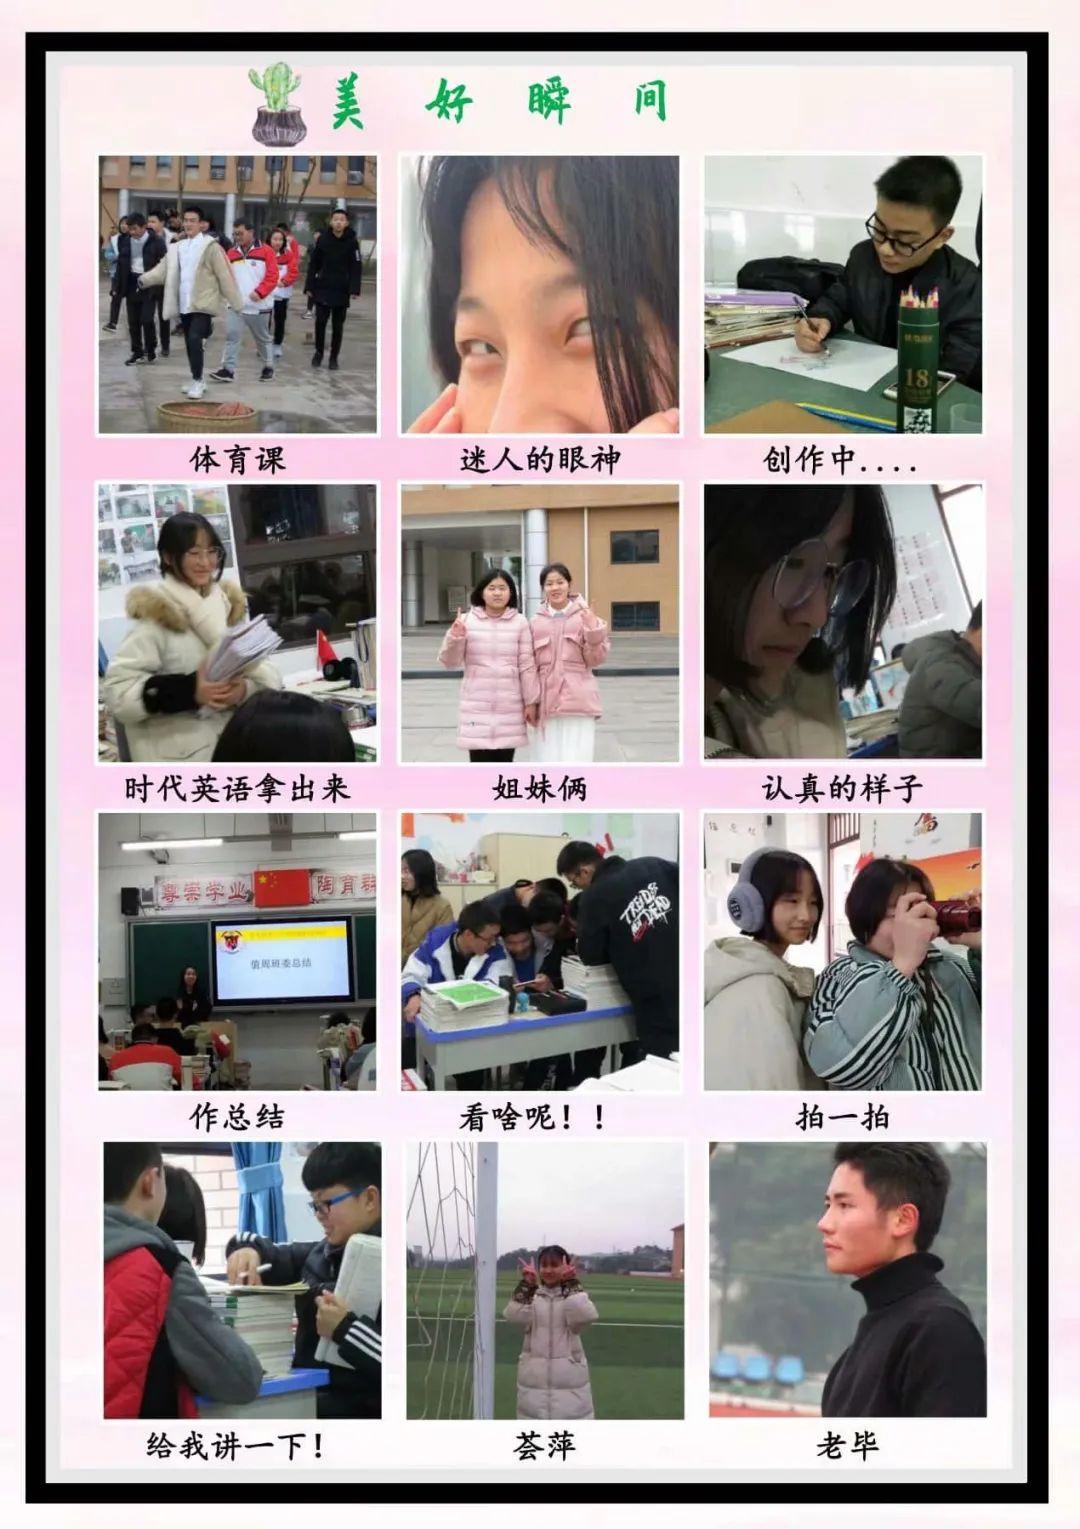 再见,云涛之家—叙永三中17级10班毕业纪念 叙永三中 第61张